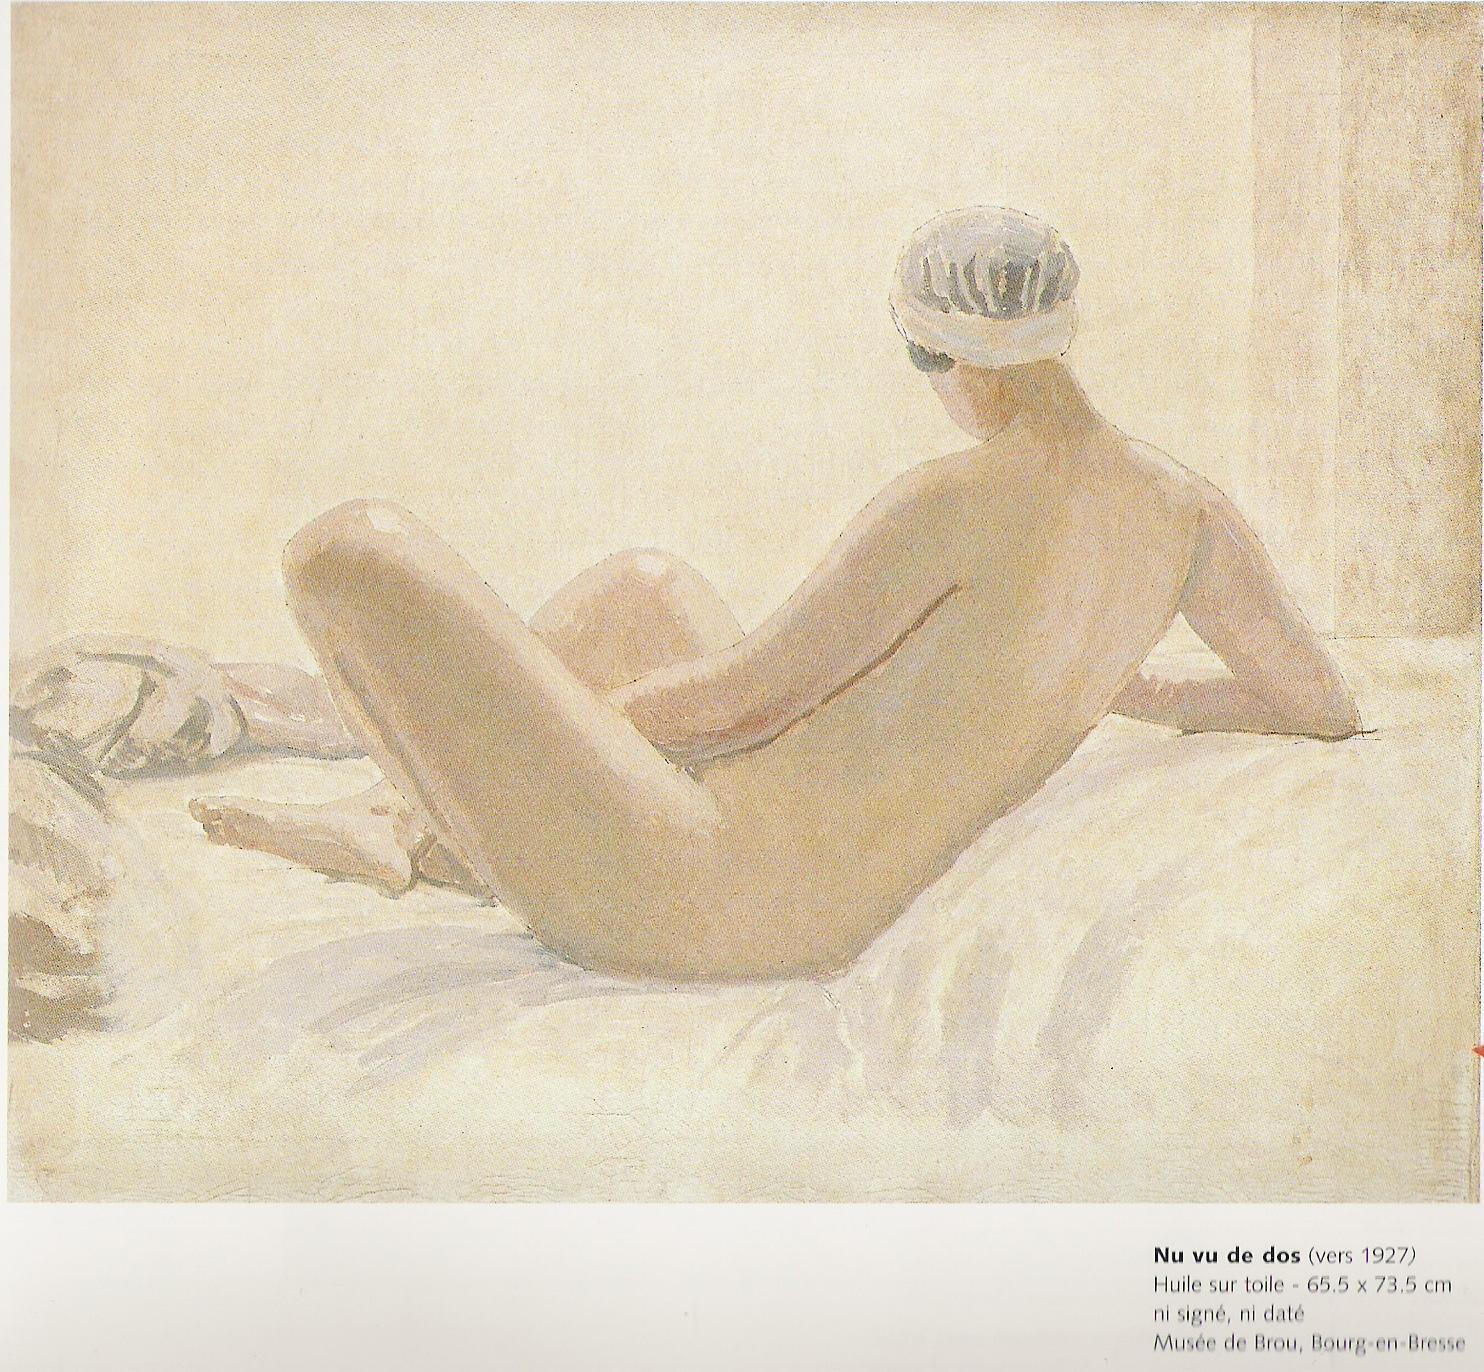 Nu vu de dos-Toile peinte par Jules Migonney vers 1927-Huile sur toile 62,5x73,5cm-Musée de Brou à Bourg en Bresse